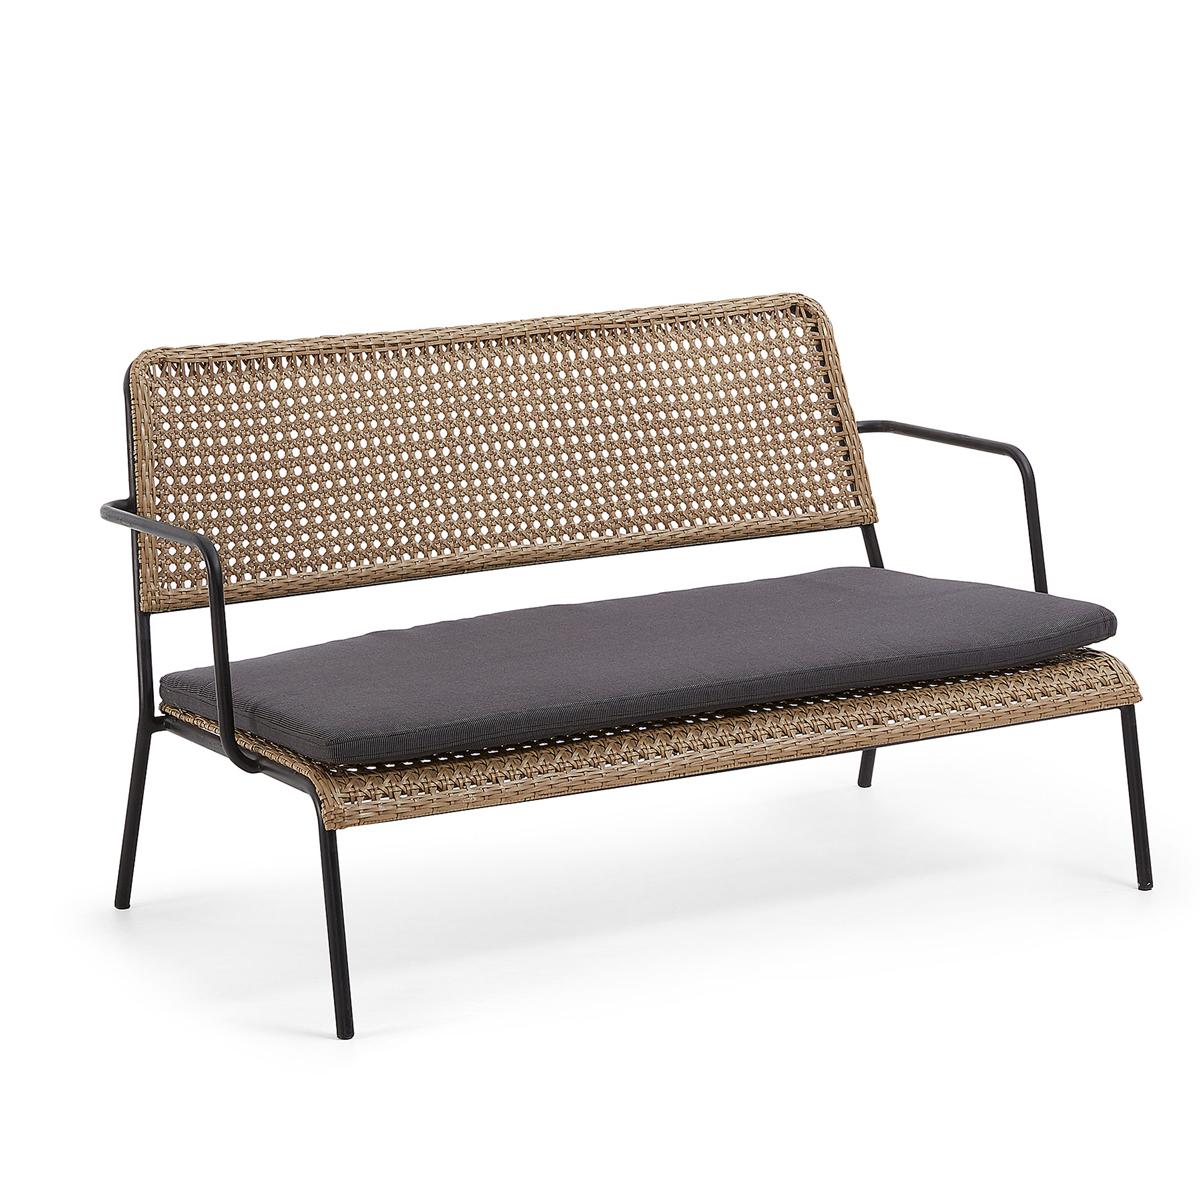 Canapé en acier et poly rotin - Naturel et noir - H 74 x 123 cm